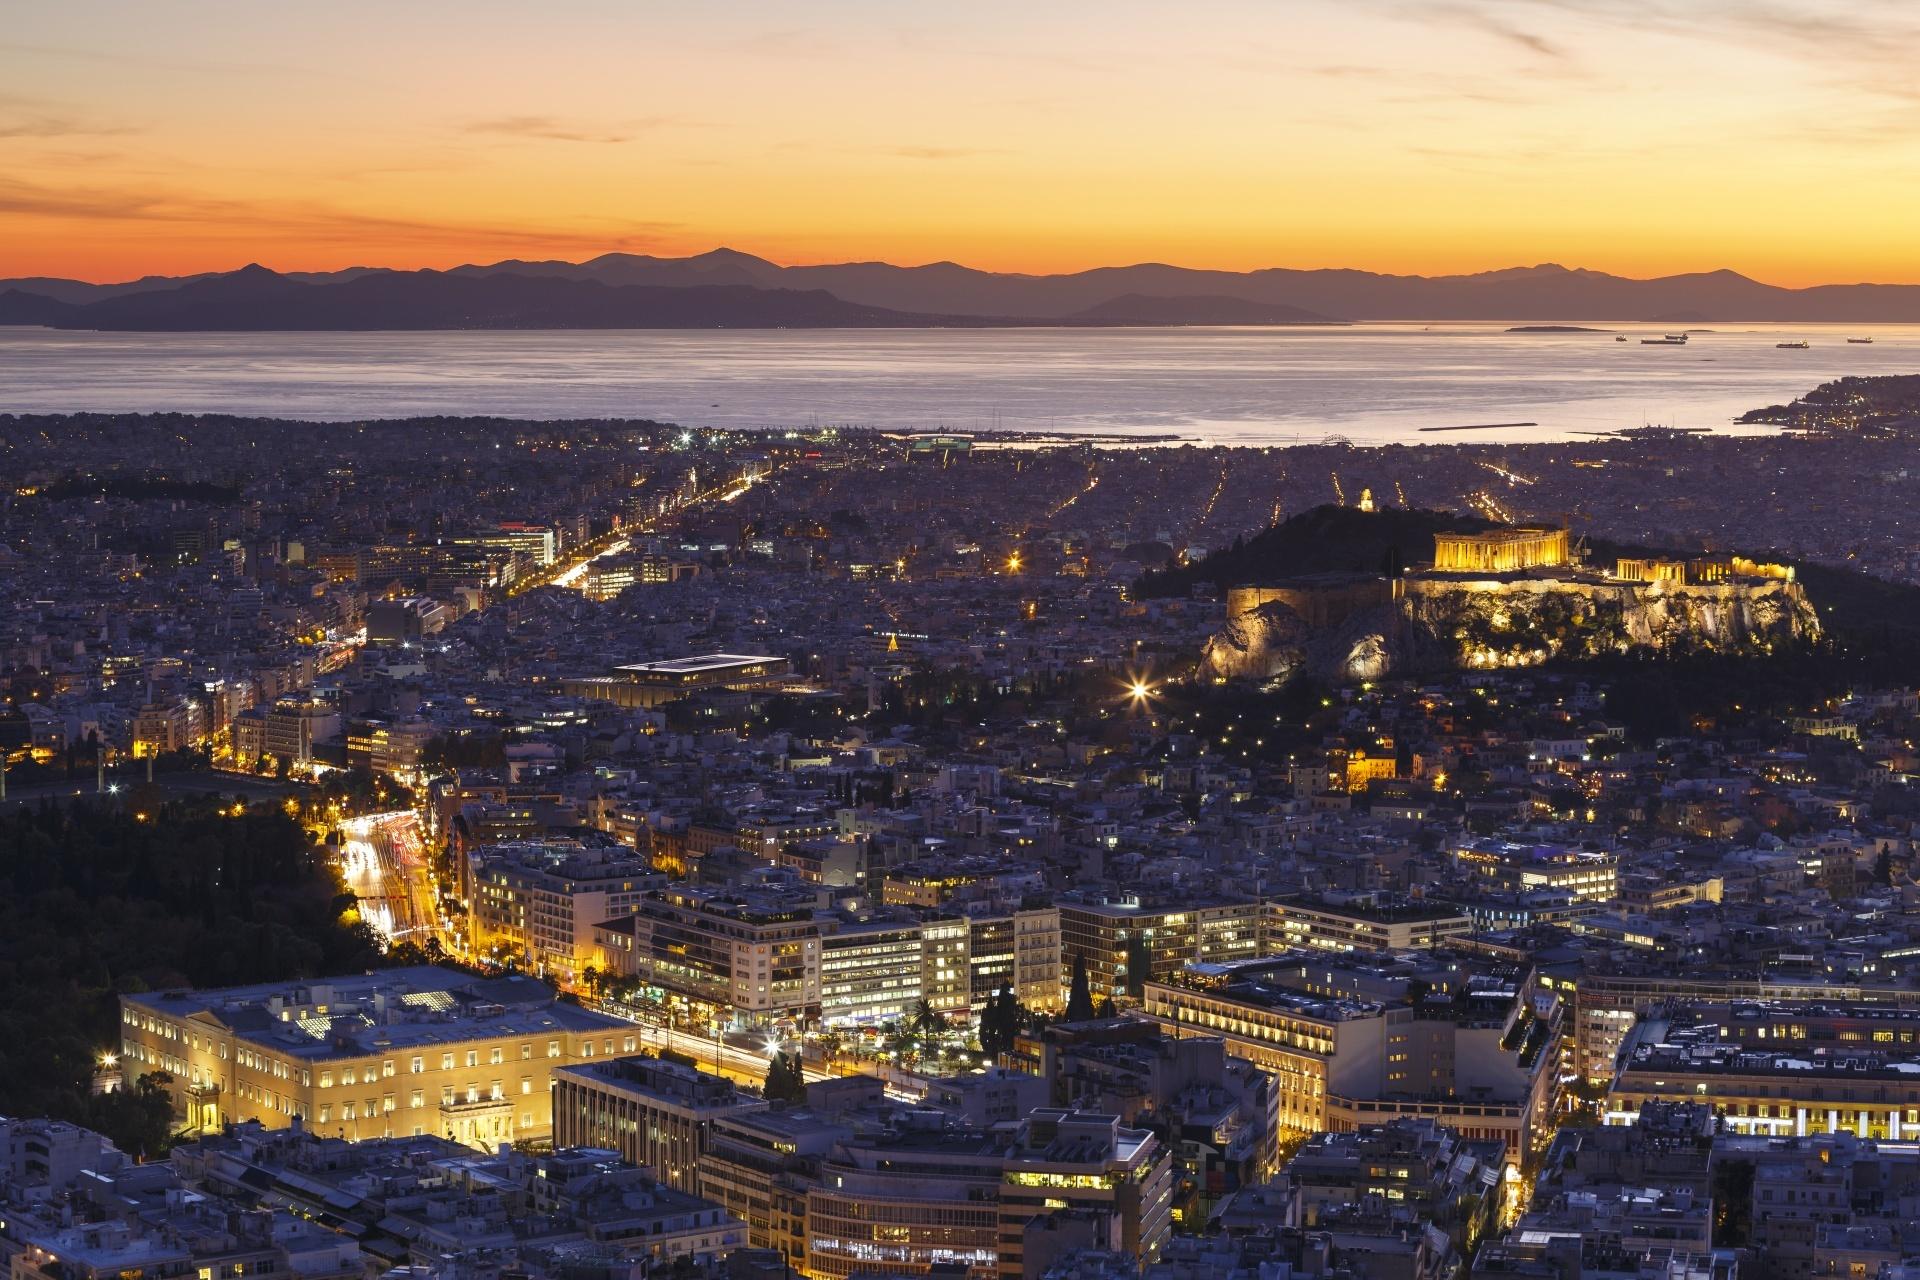 夕暮れのアクロポリスとアテネの町並み ギリシャの風景